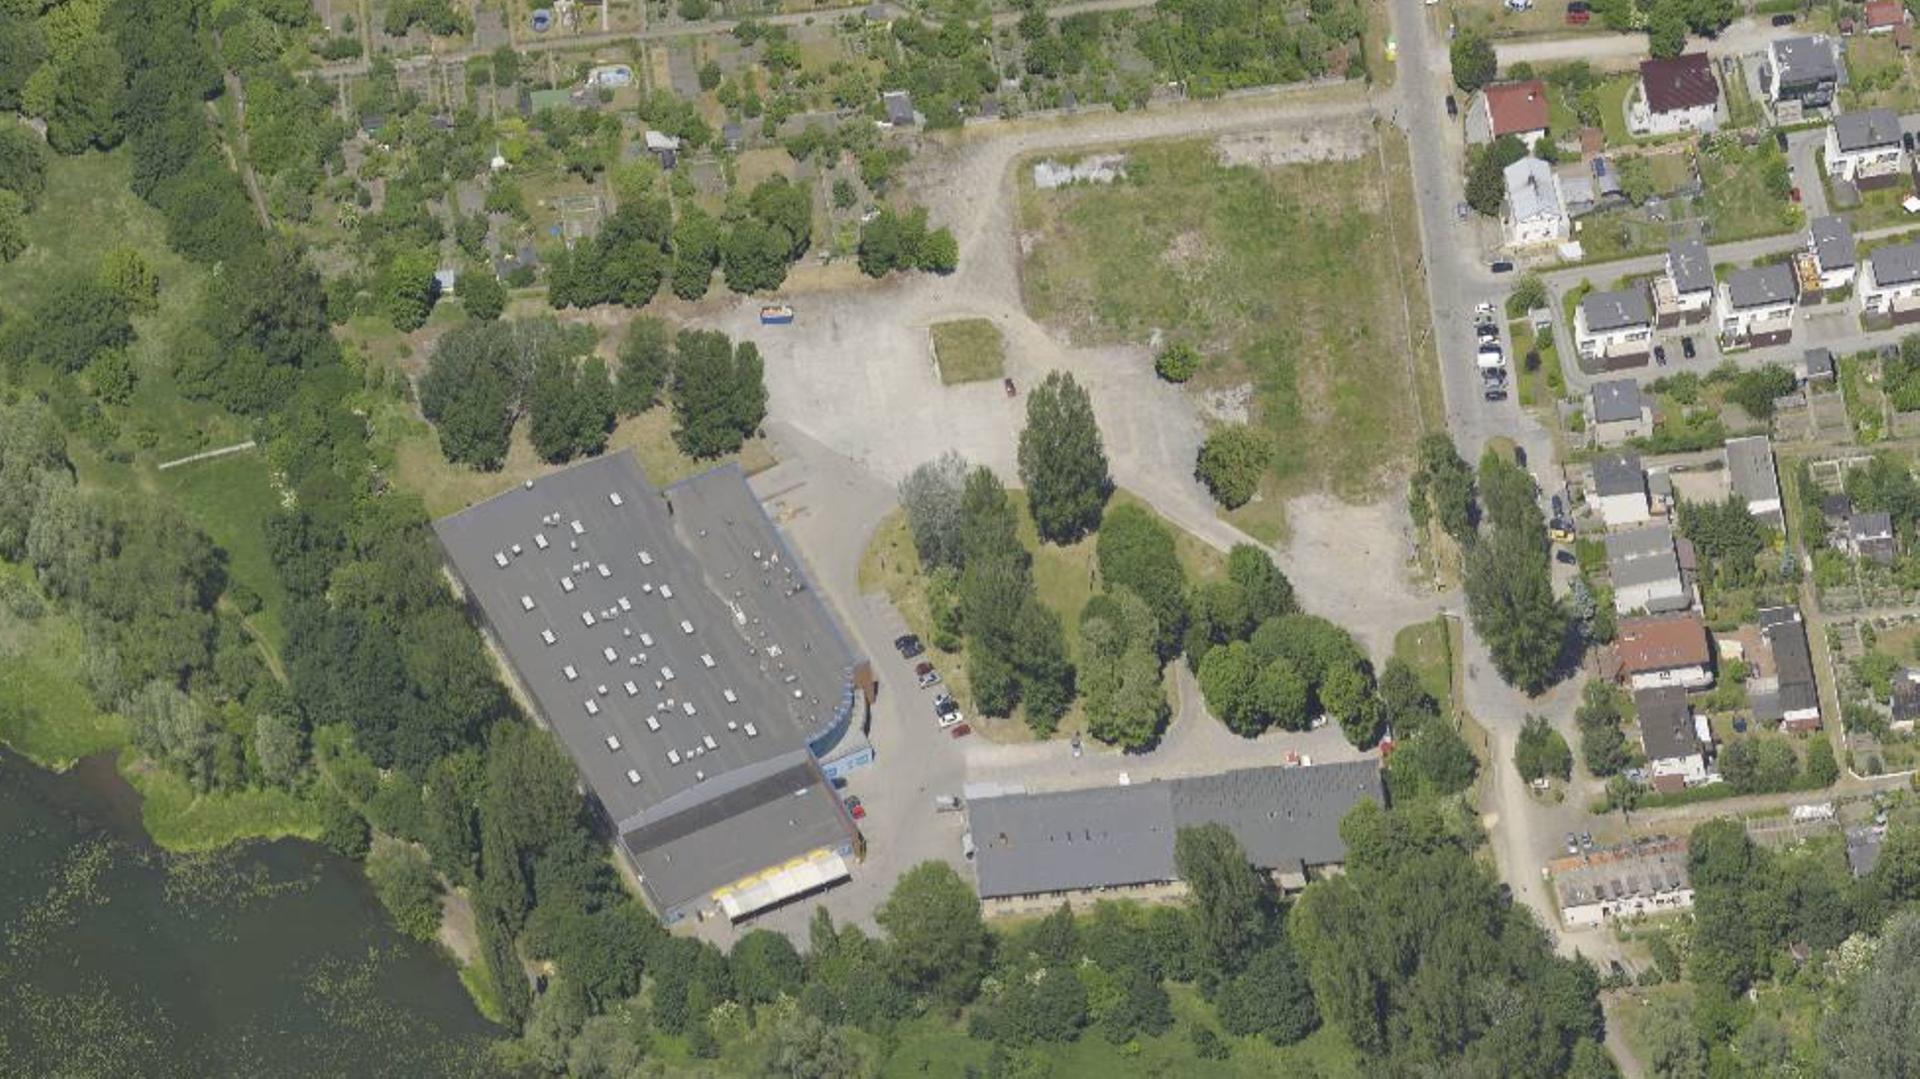 Wrocław: W miejsce dawnego lunaparku na Przedmieściu Oławskim ma powstać osiedle